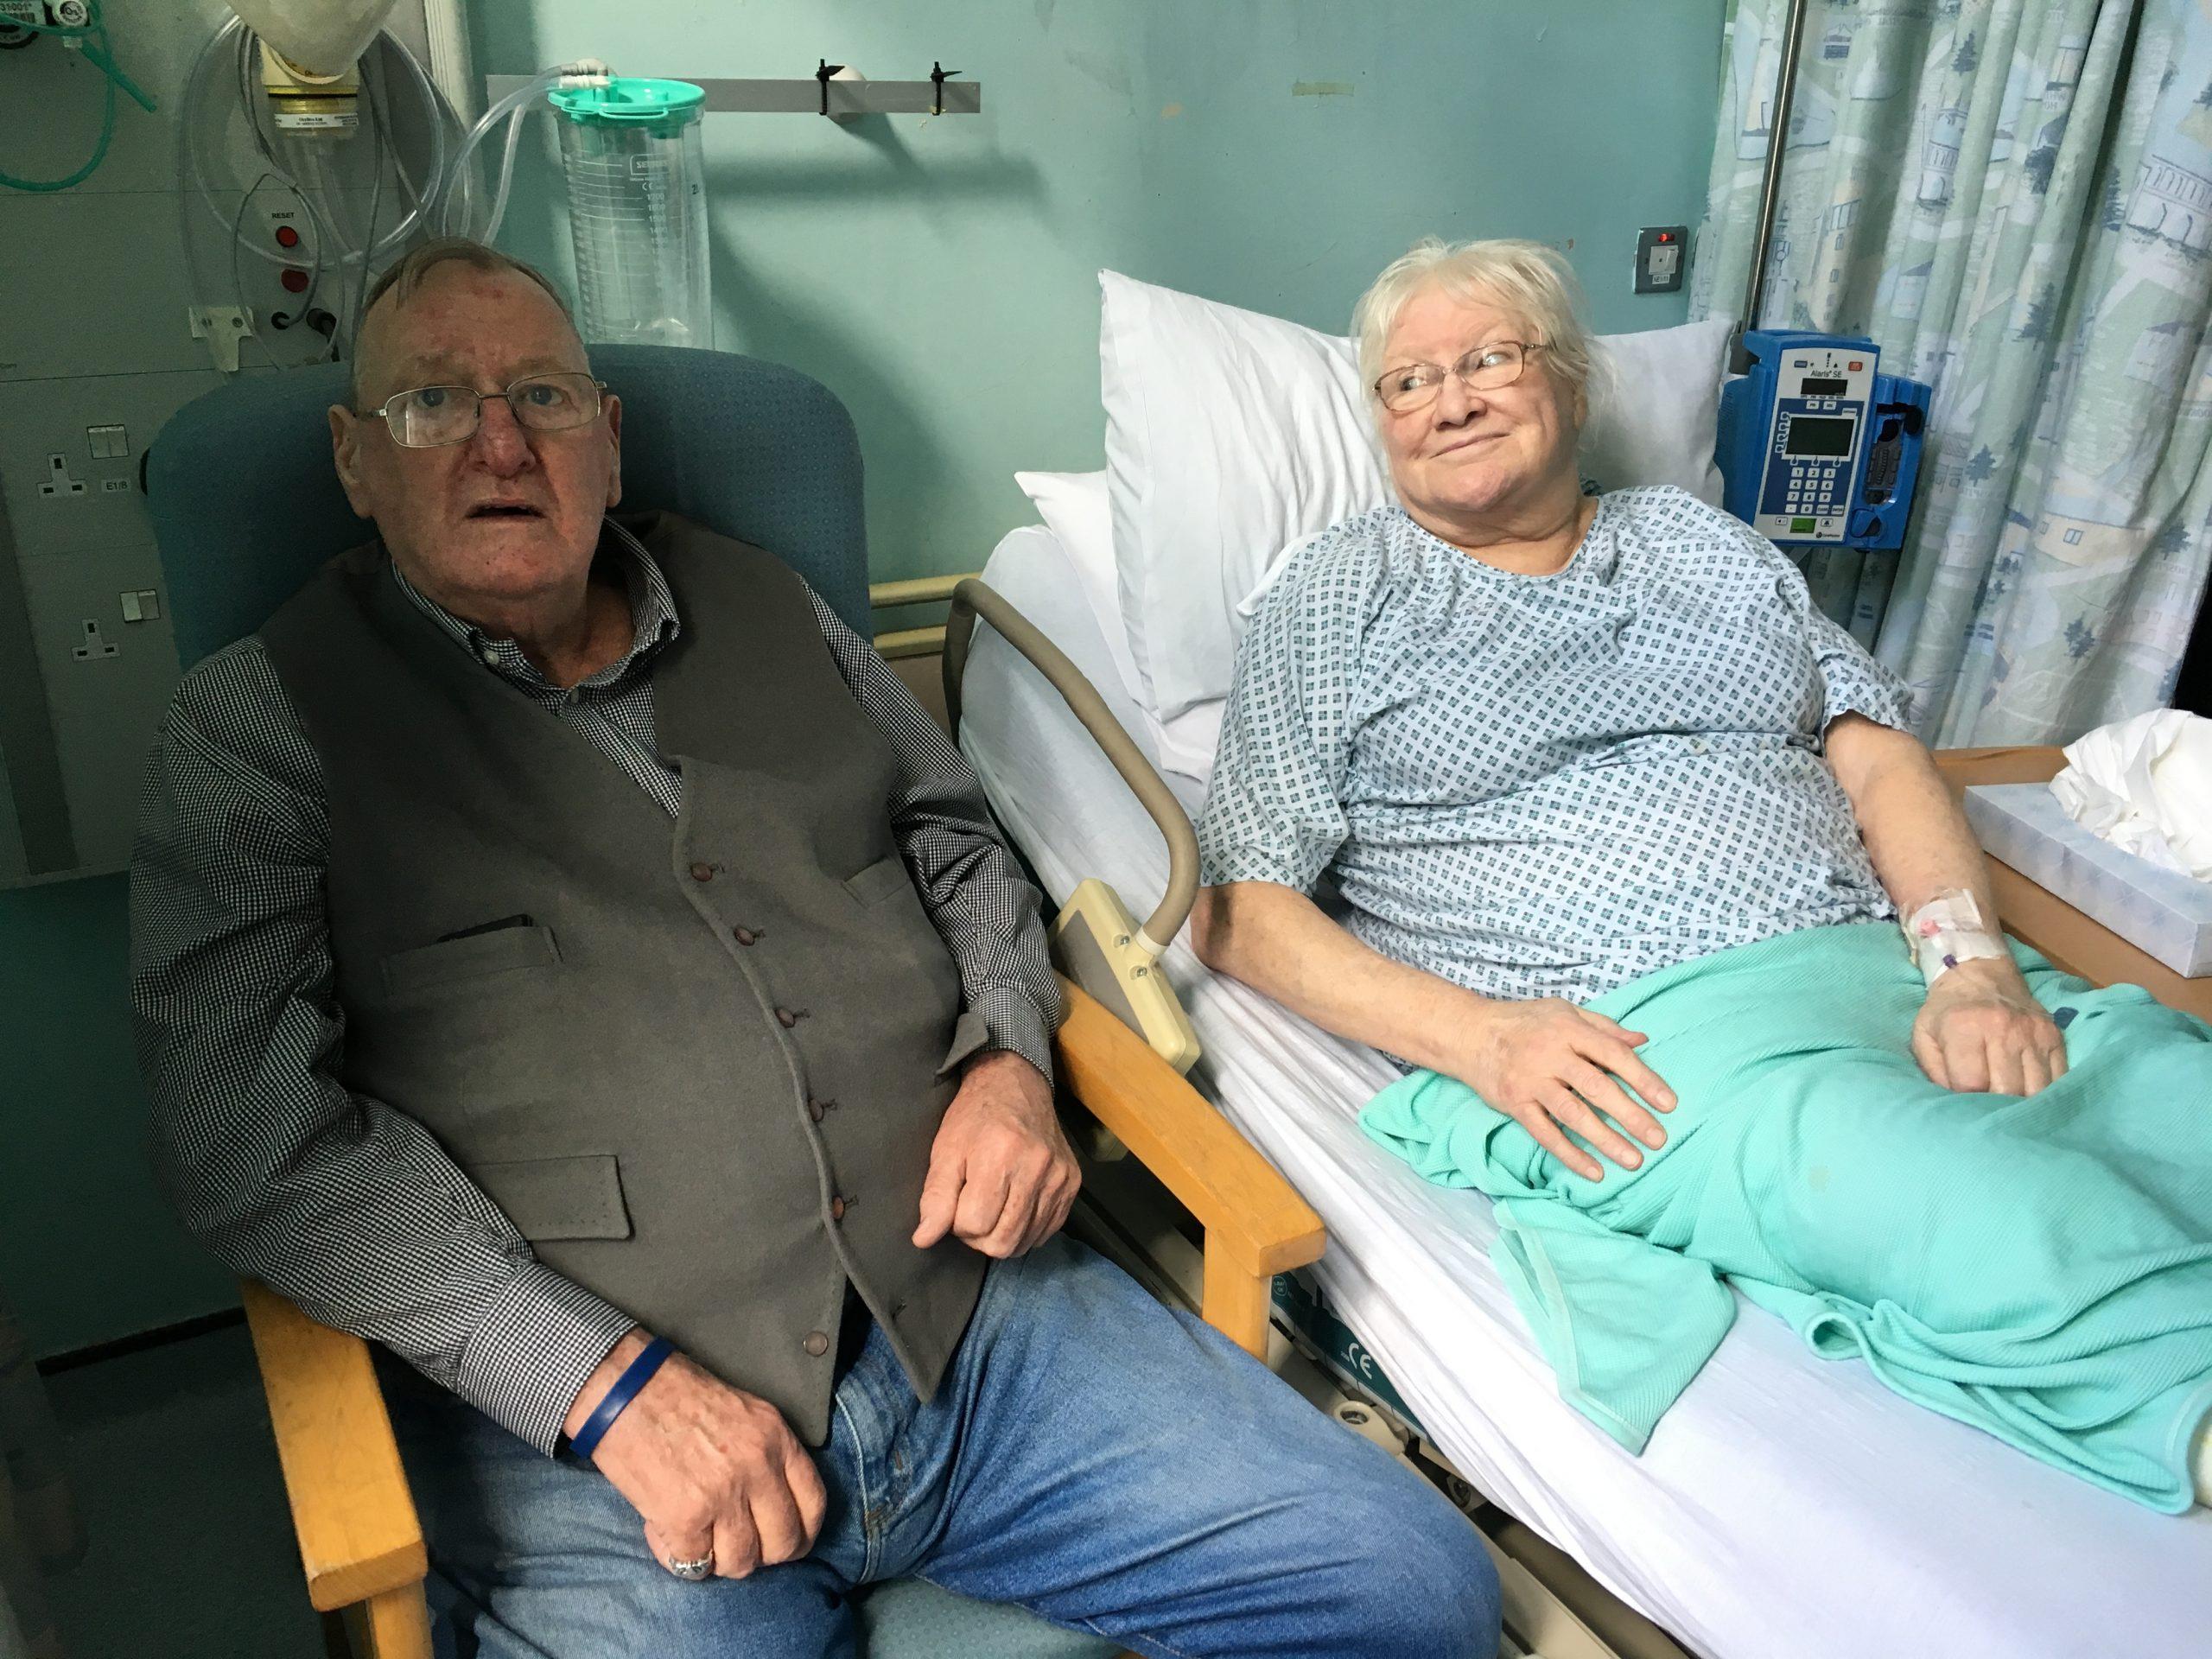 Mervyn and Carole